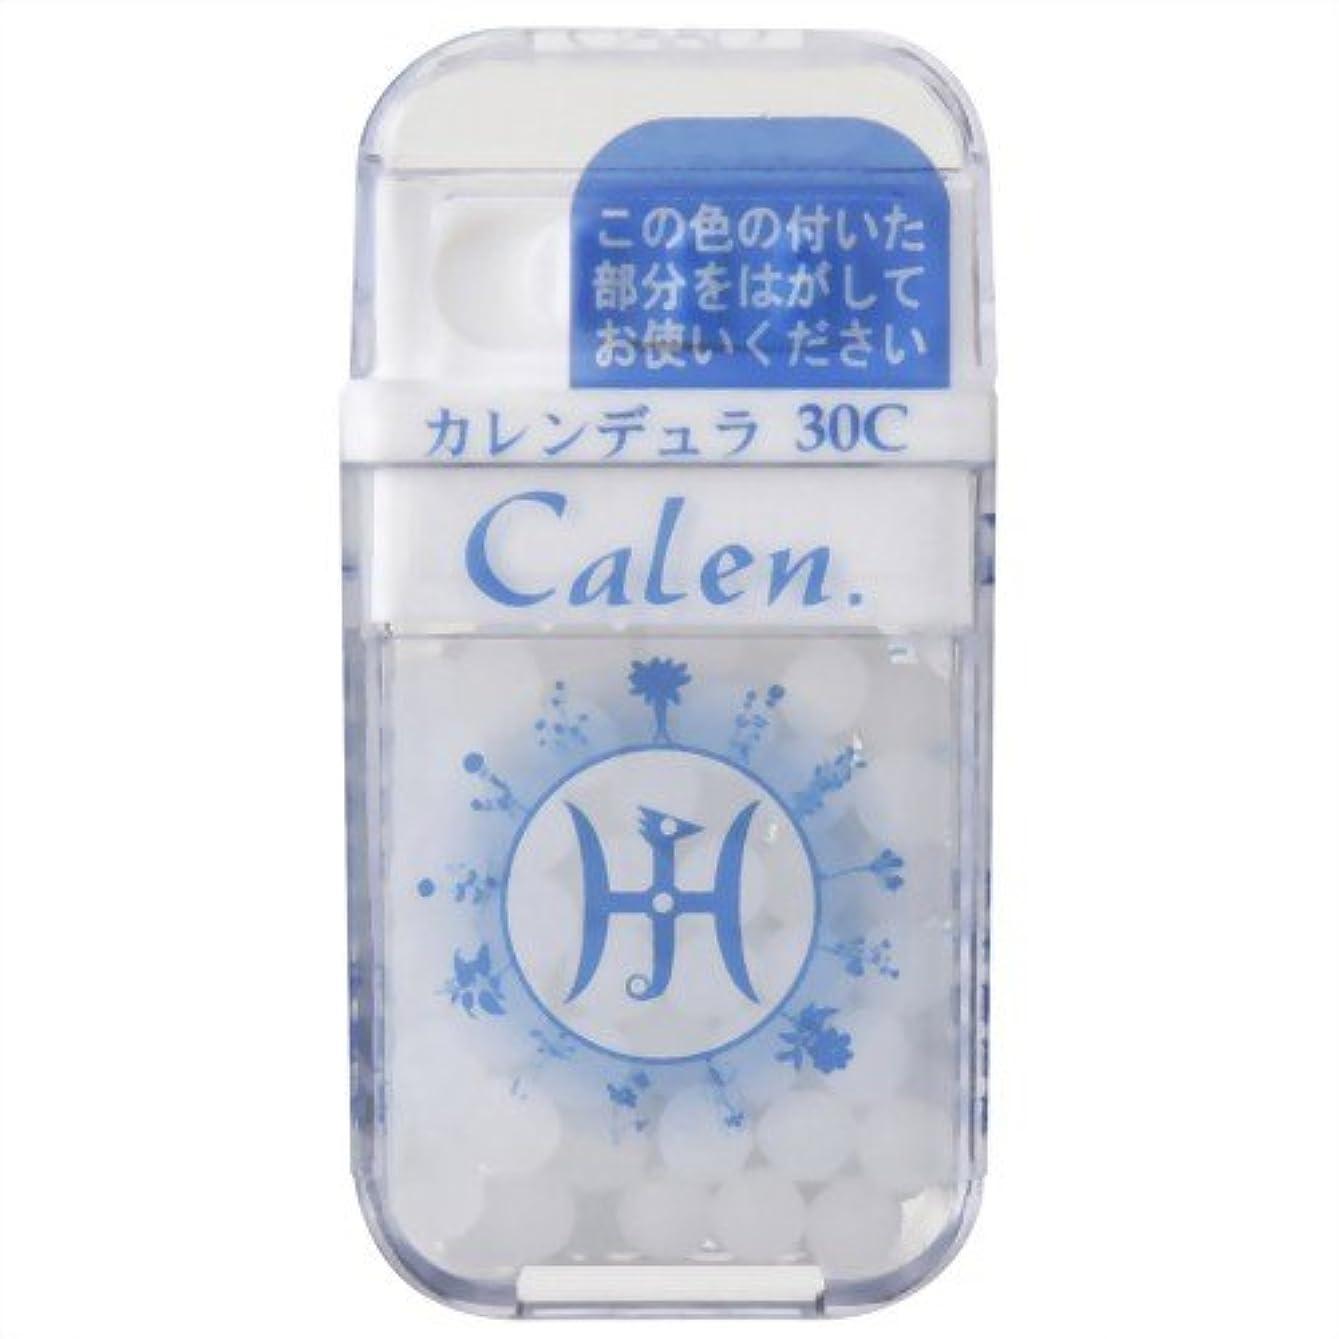 毎月センブランス土ホメオパシージャパンレメディー Calen.  カレンデュラ 30C (大ビン)